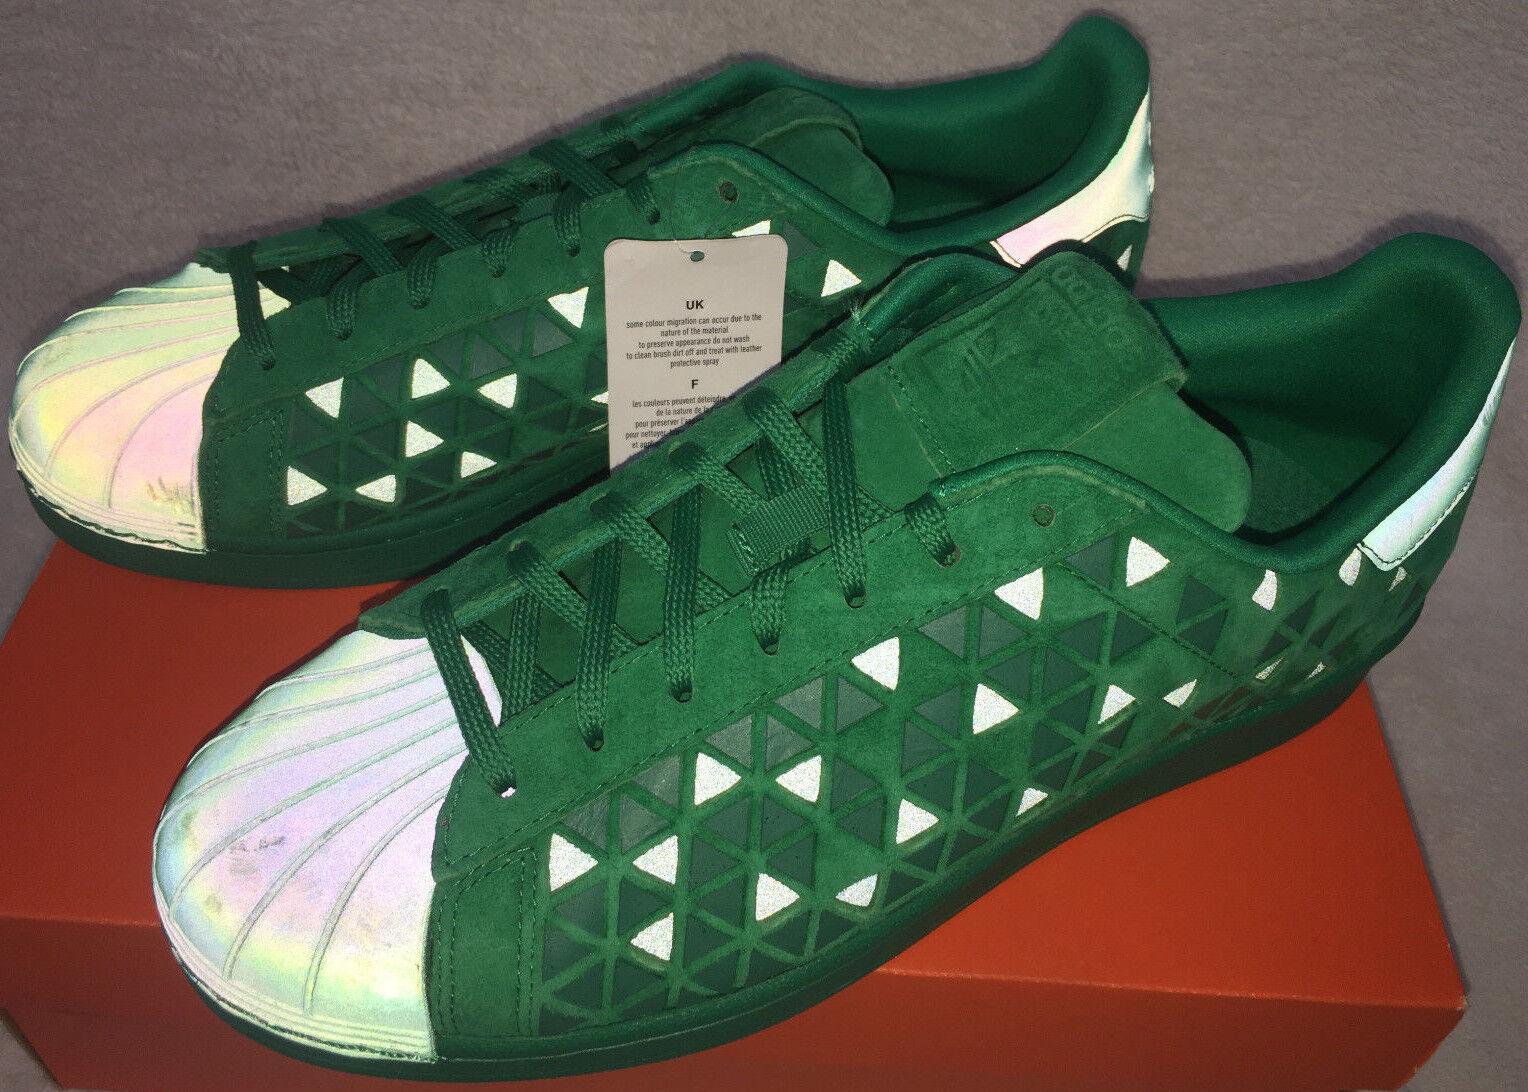 Adidas Reflectante Superstar Xeno AQ8180 Verde Reflectante Adidas casuales Zapatos De Baloncesto Para Hombres 13 cc30e1